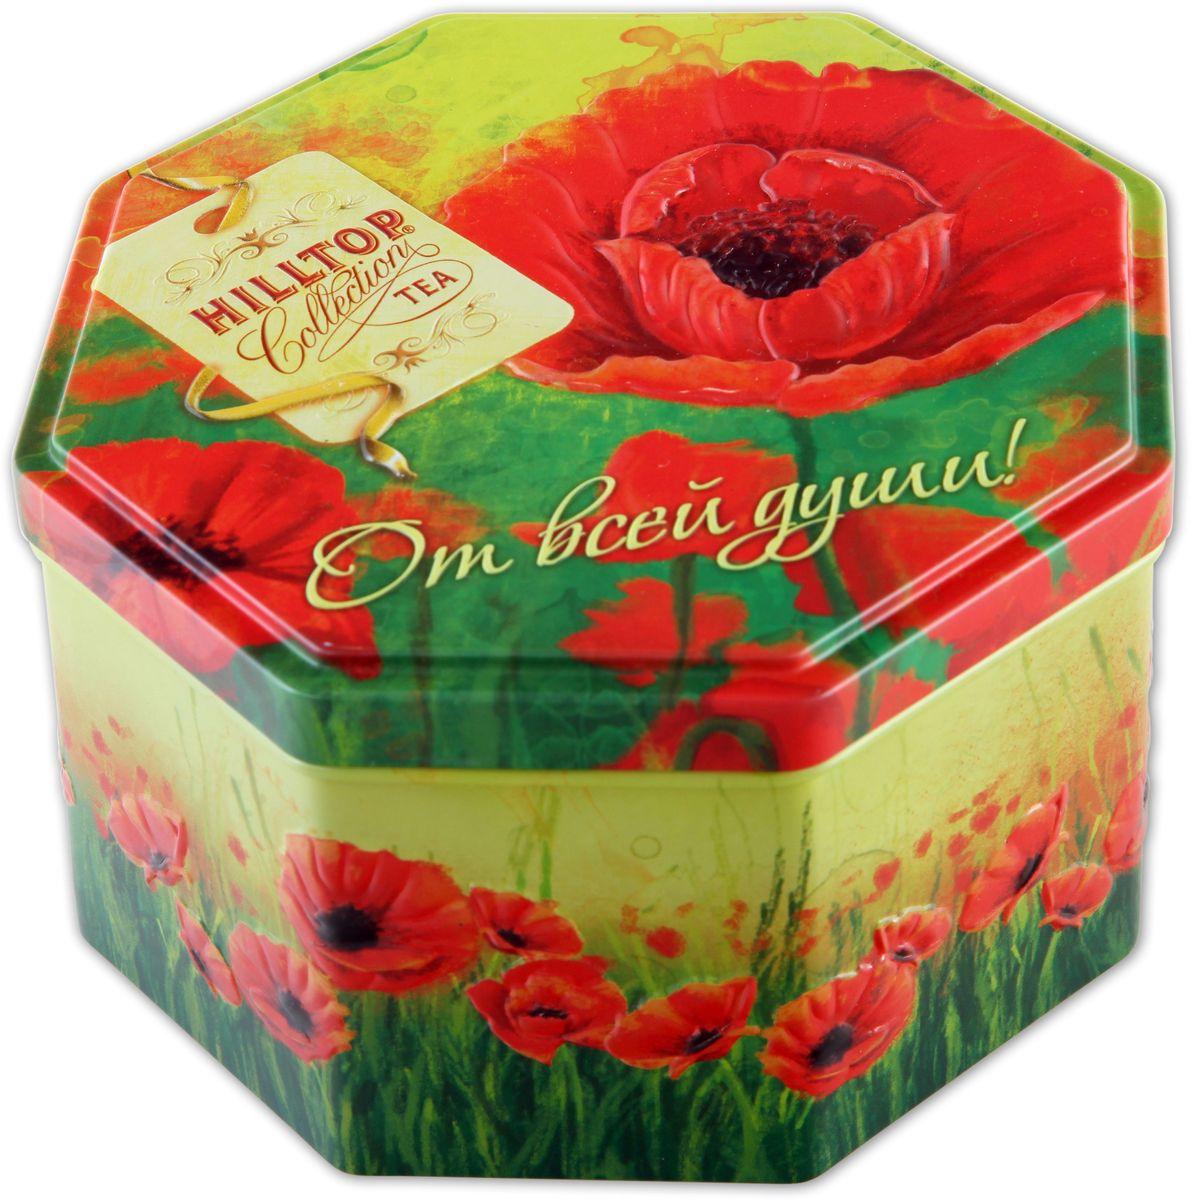 Hilltop Подарок Цейлона. Маков цвет черный листовой чай, 150 г101246Hilltop Подарок Цейлона Маков цвет - крупнолистовой цейлонский черный чай с глубоким, насыщенным вкусом и изумительным ароматом.